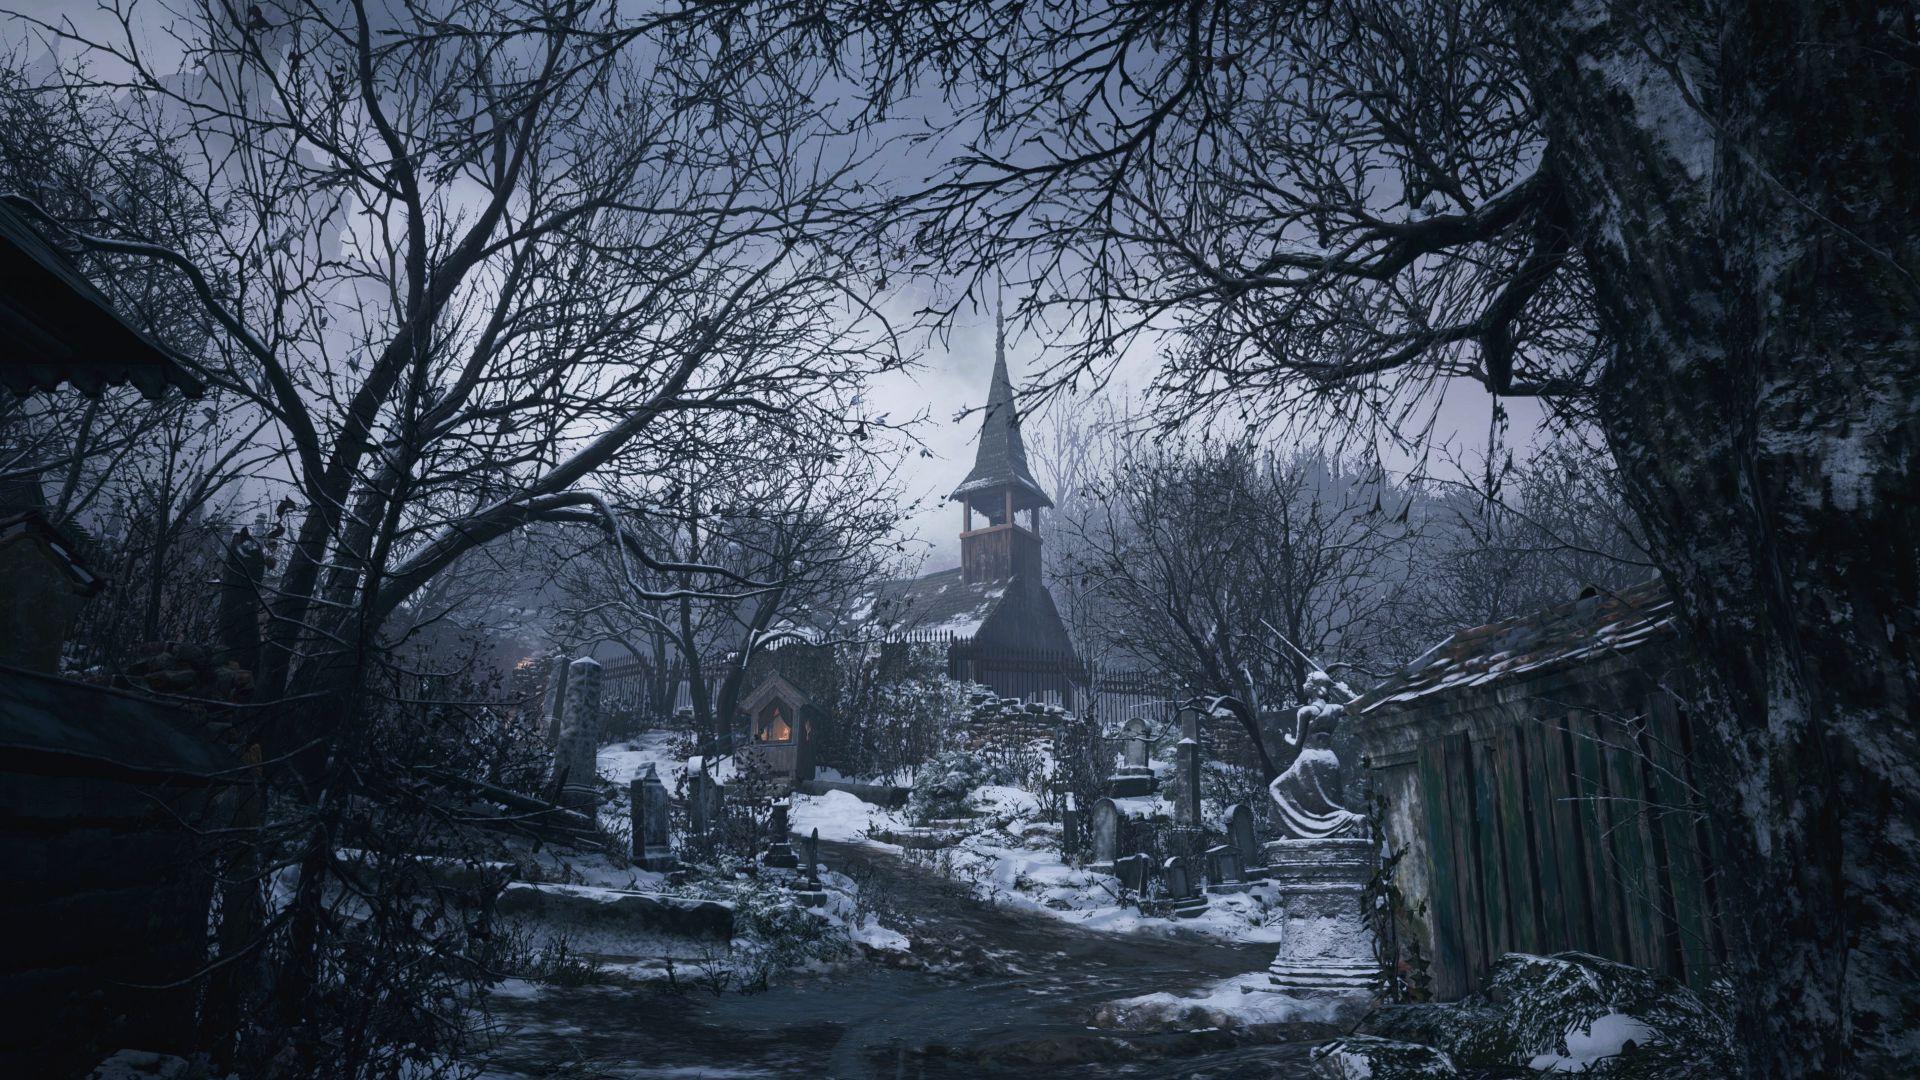 video game resident evil village wallpaper 72283